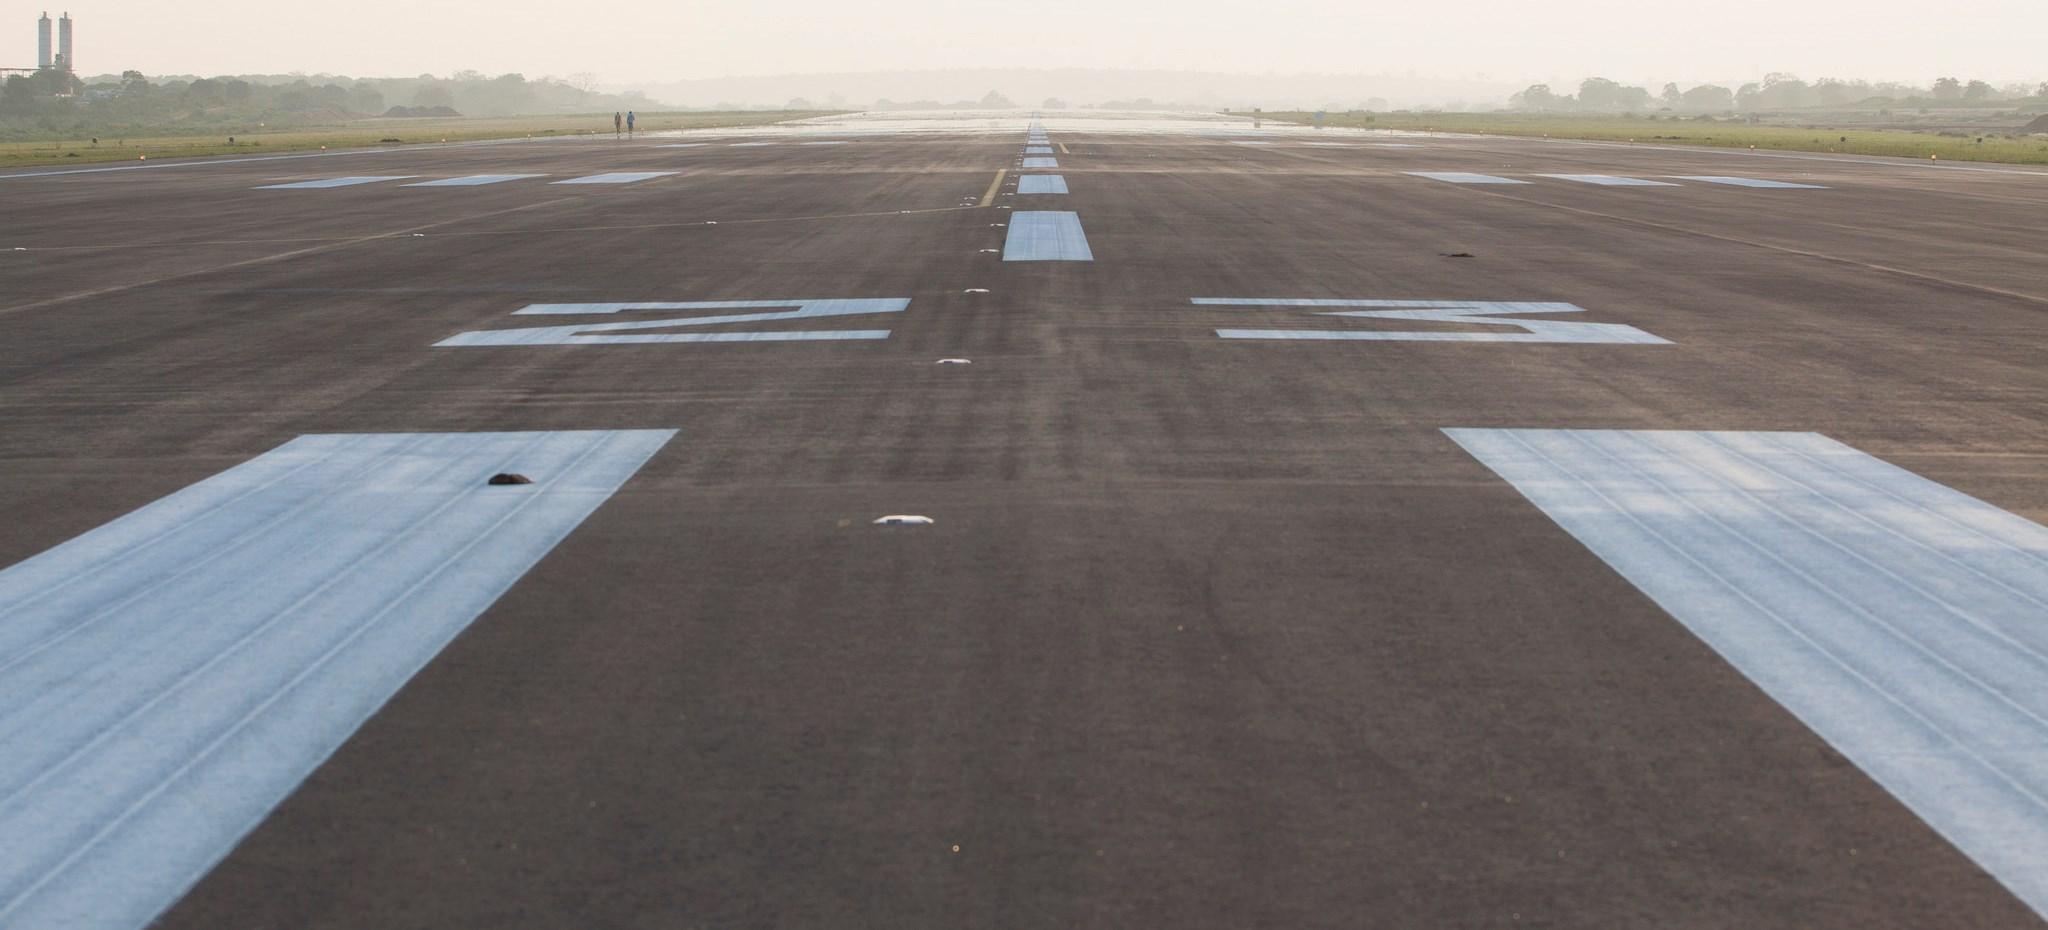 Hambantota International Airport, Sti Lanka. (Flickr/Goya Bauwens)